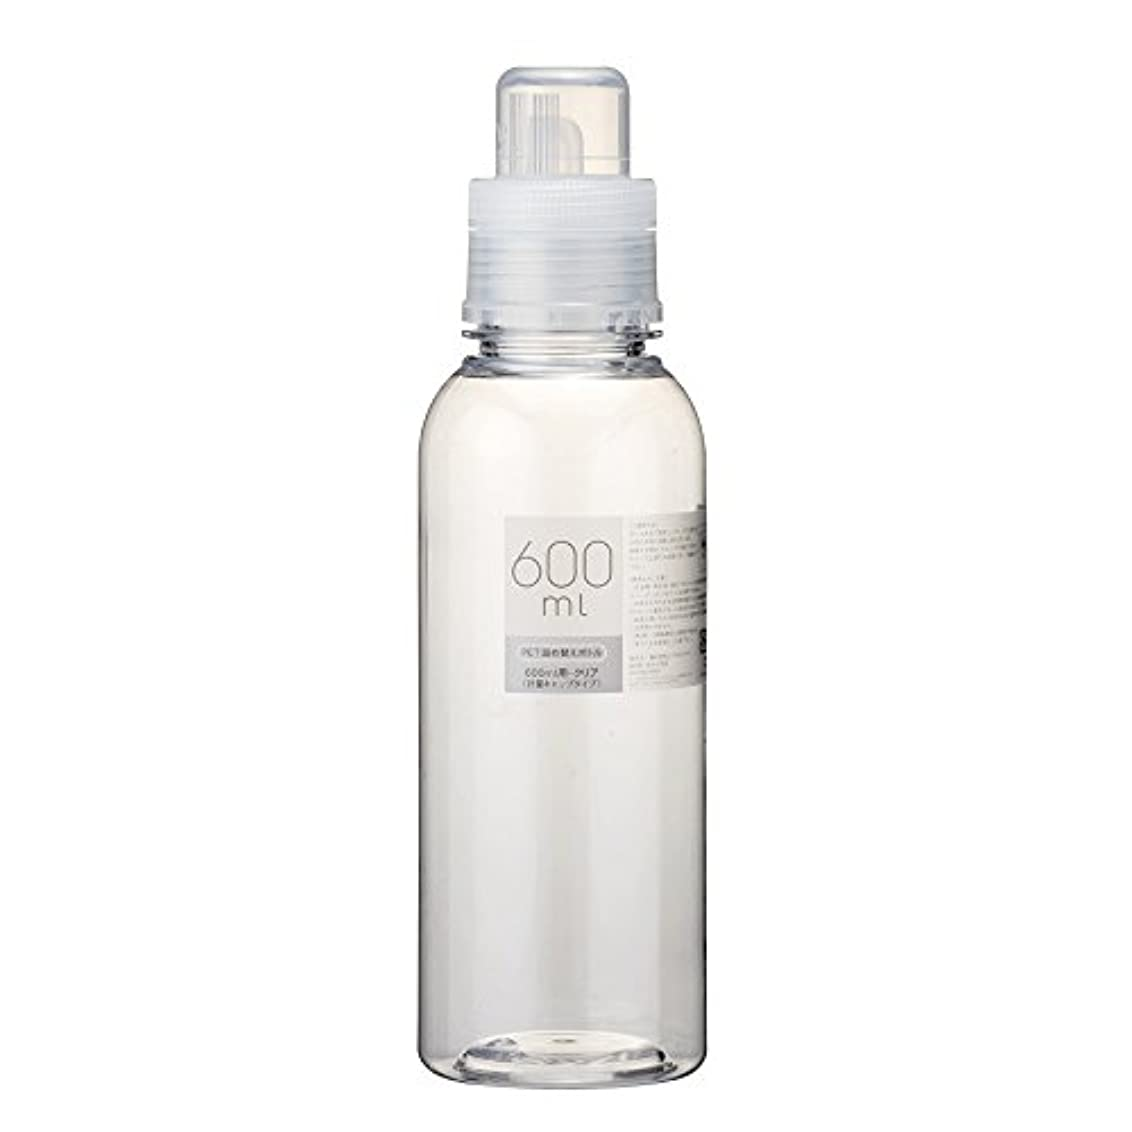 発揮する凝縮する酸っぱい詰替ボトル 600ml クリア Ⅱ